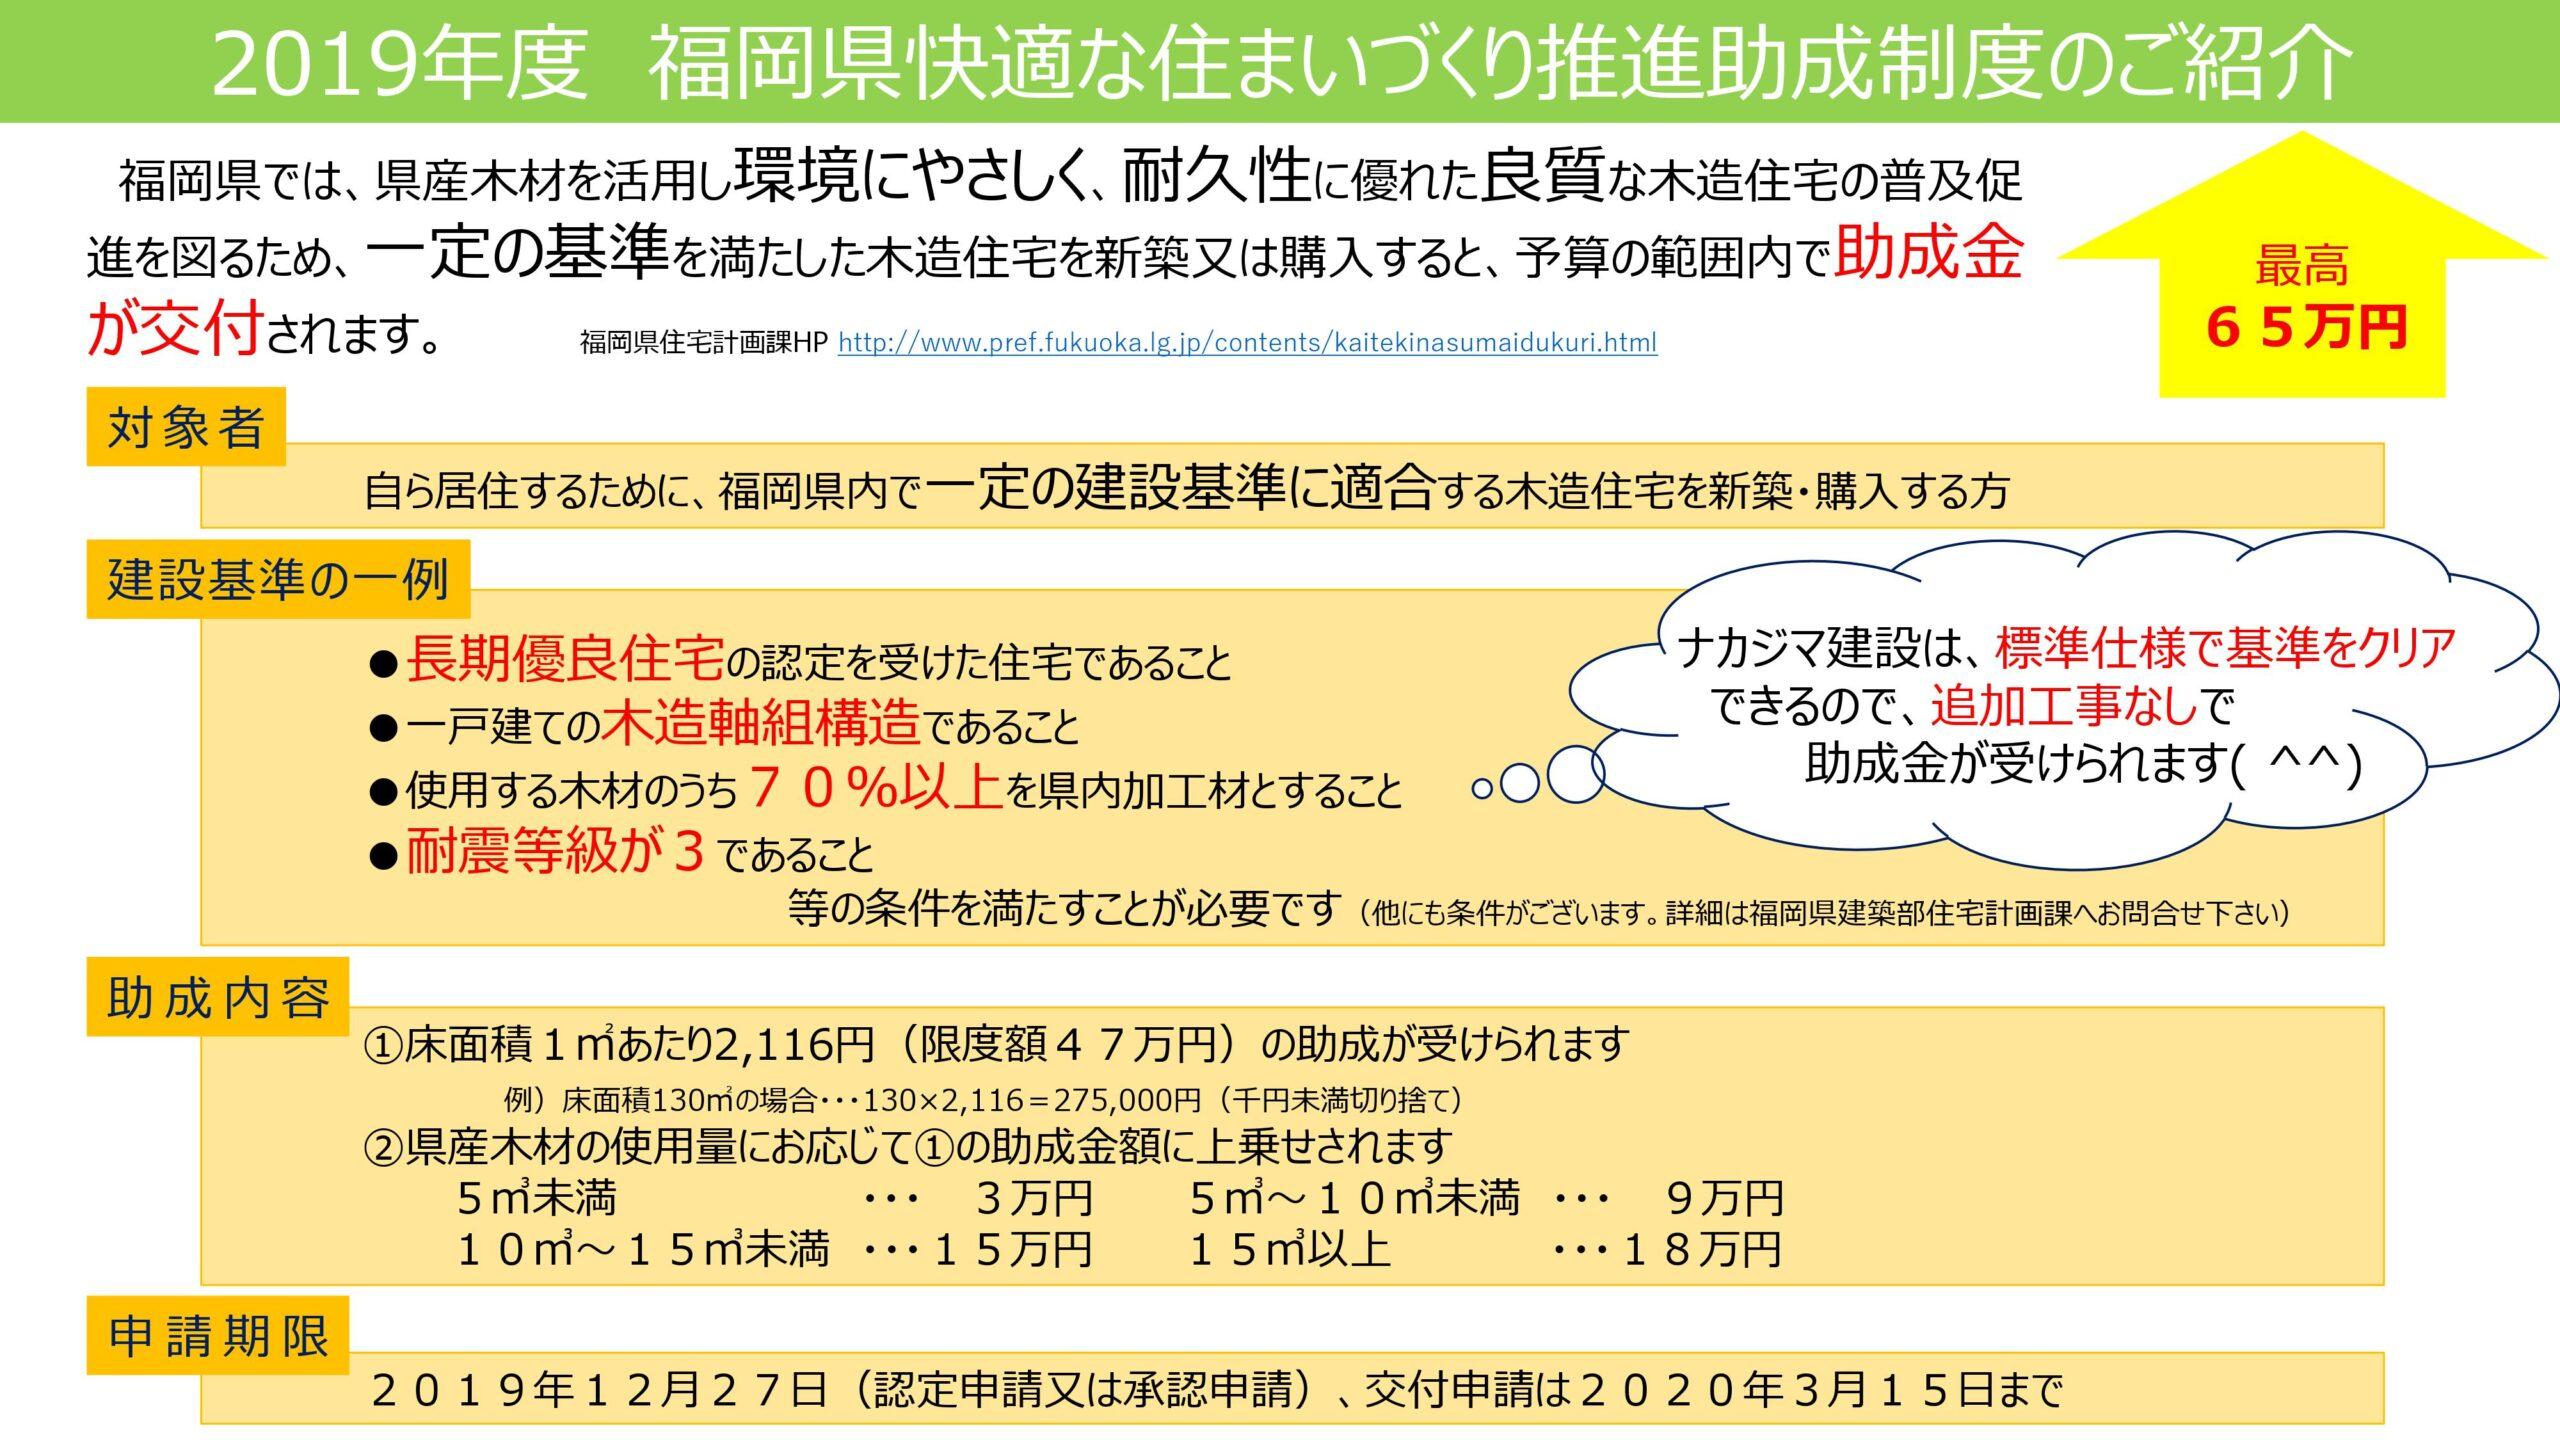 2019年度も福岡県助成金制度スタート!